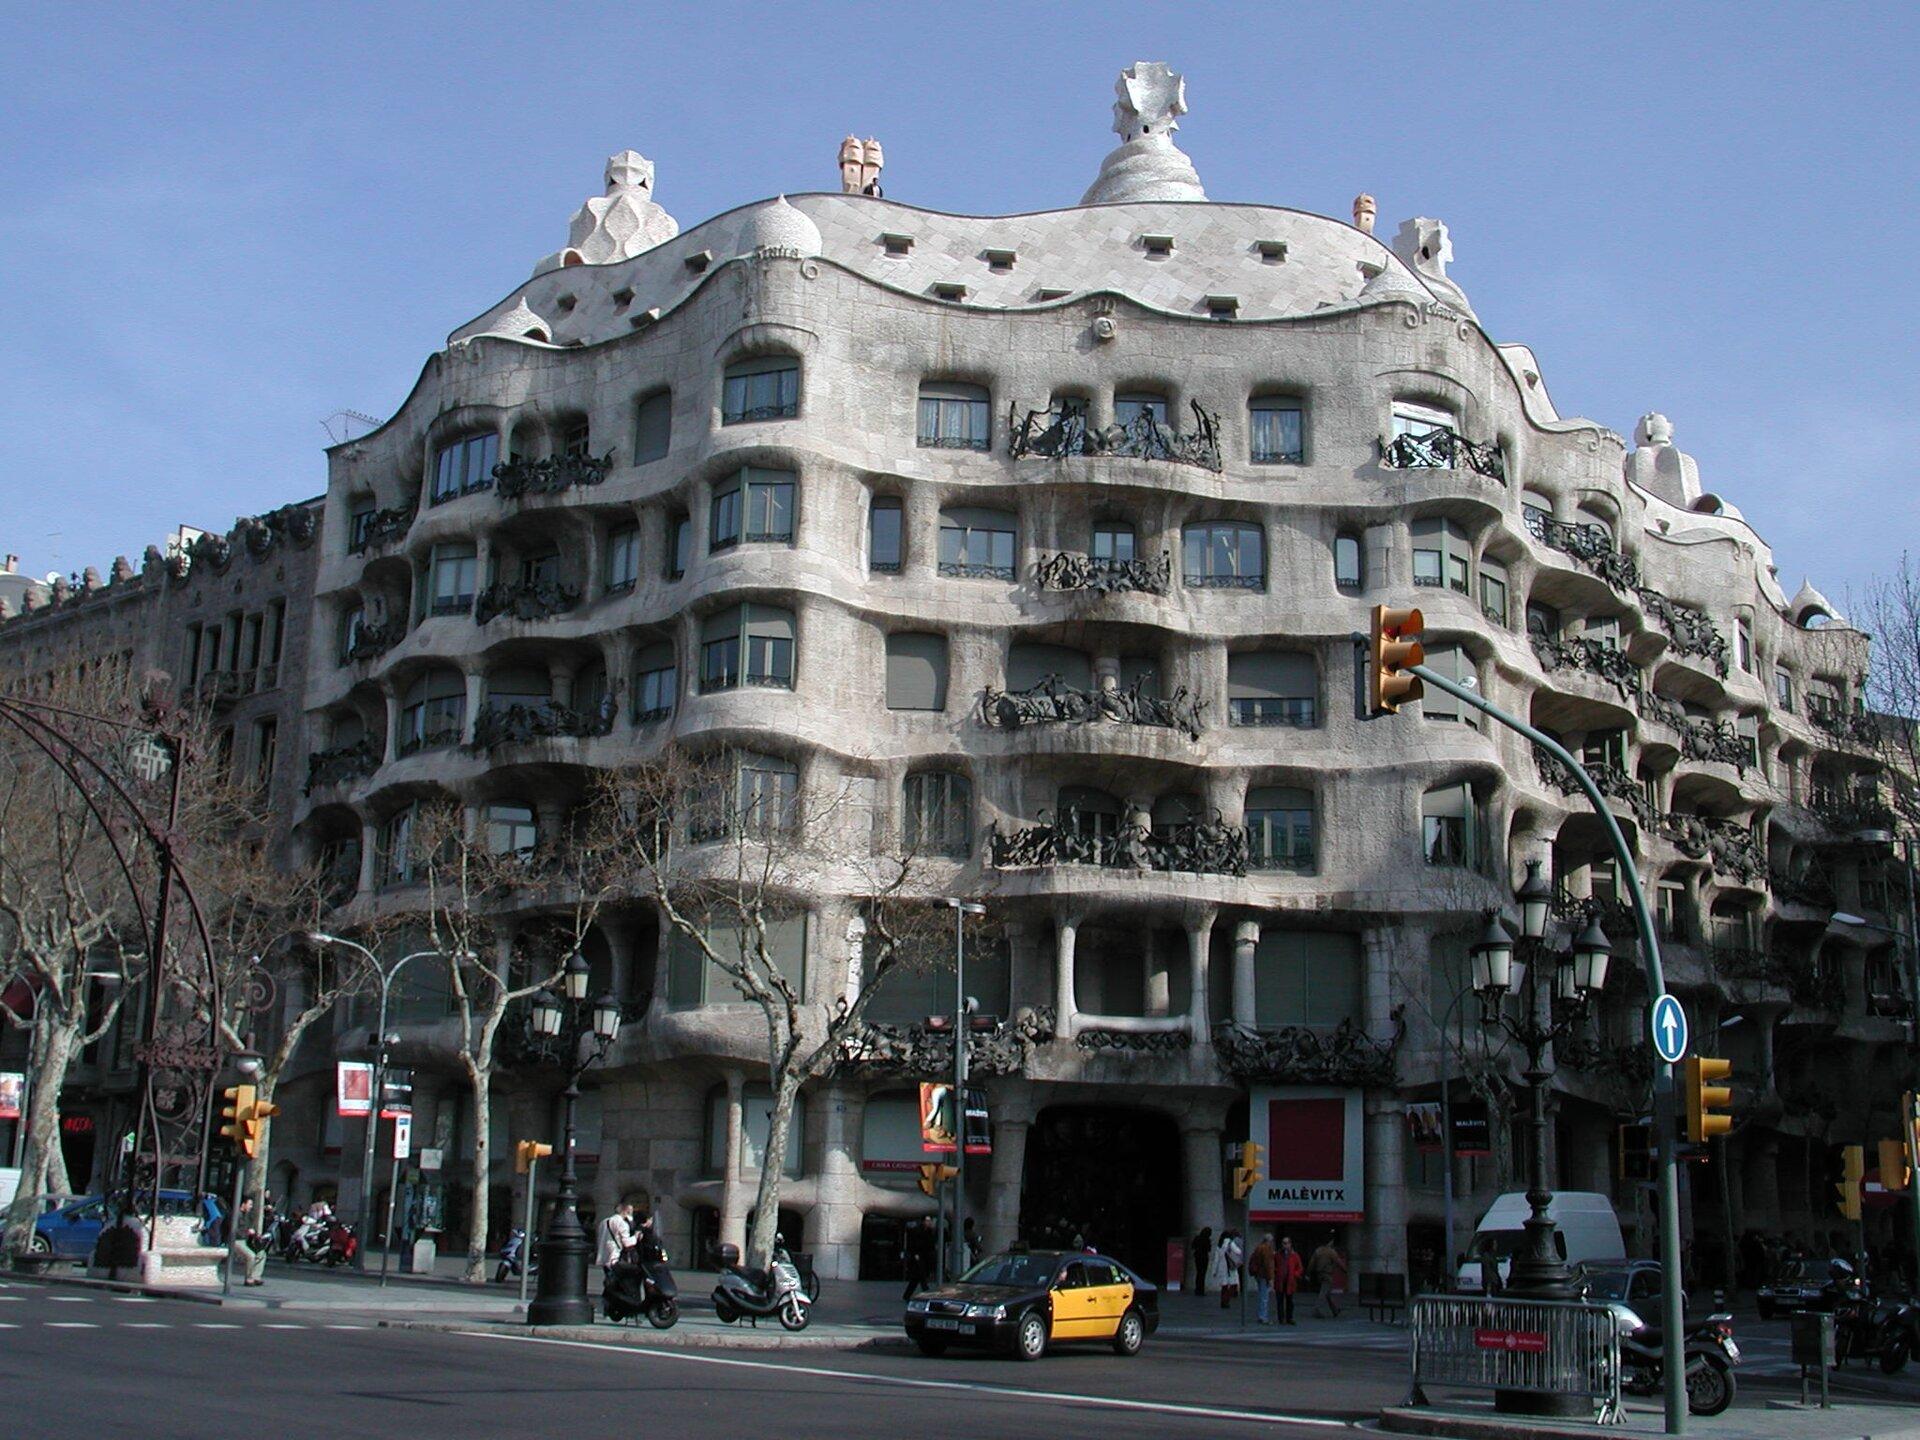 Ilustracja przedstawia budynek wBarcelonie autorstwa Antonio Gaudiego, Casa Mila. Budynek jest wielokondygnacyjny ima nieregularny kształt. Okna są duże, afasada budynku przypomina fale morskie. Wygląda ciężko imonumentalnie choć wzniesiona jest zcienkich wapiennych płyt. Balkony zdobią kute zżelaza balustrady przybierające kształt dzikich chaszczy. Ozdobą fasady głównej są również specjalnie rozmieszczone ptaki, które maja sprawiać wrażenie szykujących się do odlotu. Na zdjęciu jest również fragment ulicy, samochody, motocykle iludzie stojący przed wejściem. Wtle widać niebieskie niebo. Na ilustracji umieszczony jest niebieski pulsujący punkt. Po kliknięciu kursorem myszki wpunkt wyświetlą się dodatkowe informacje.